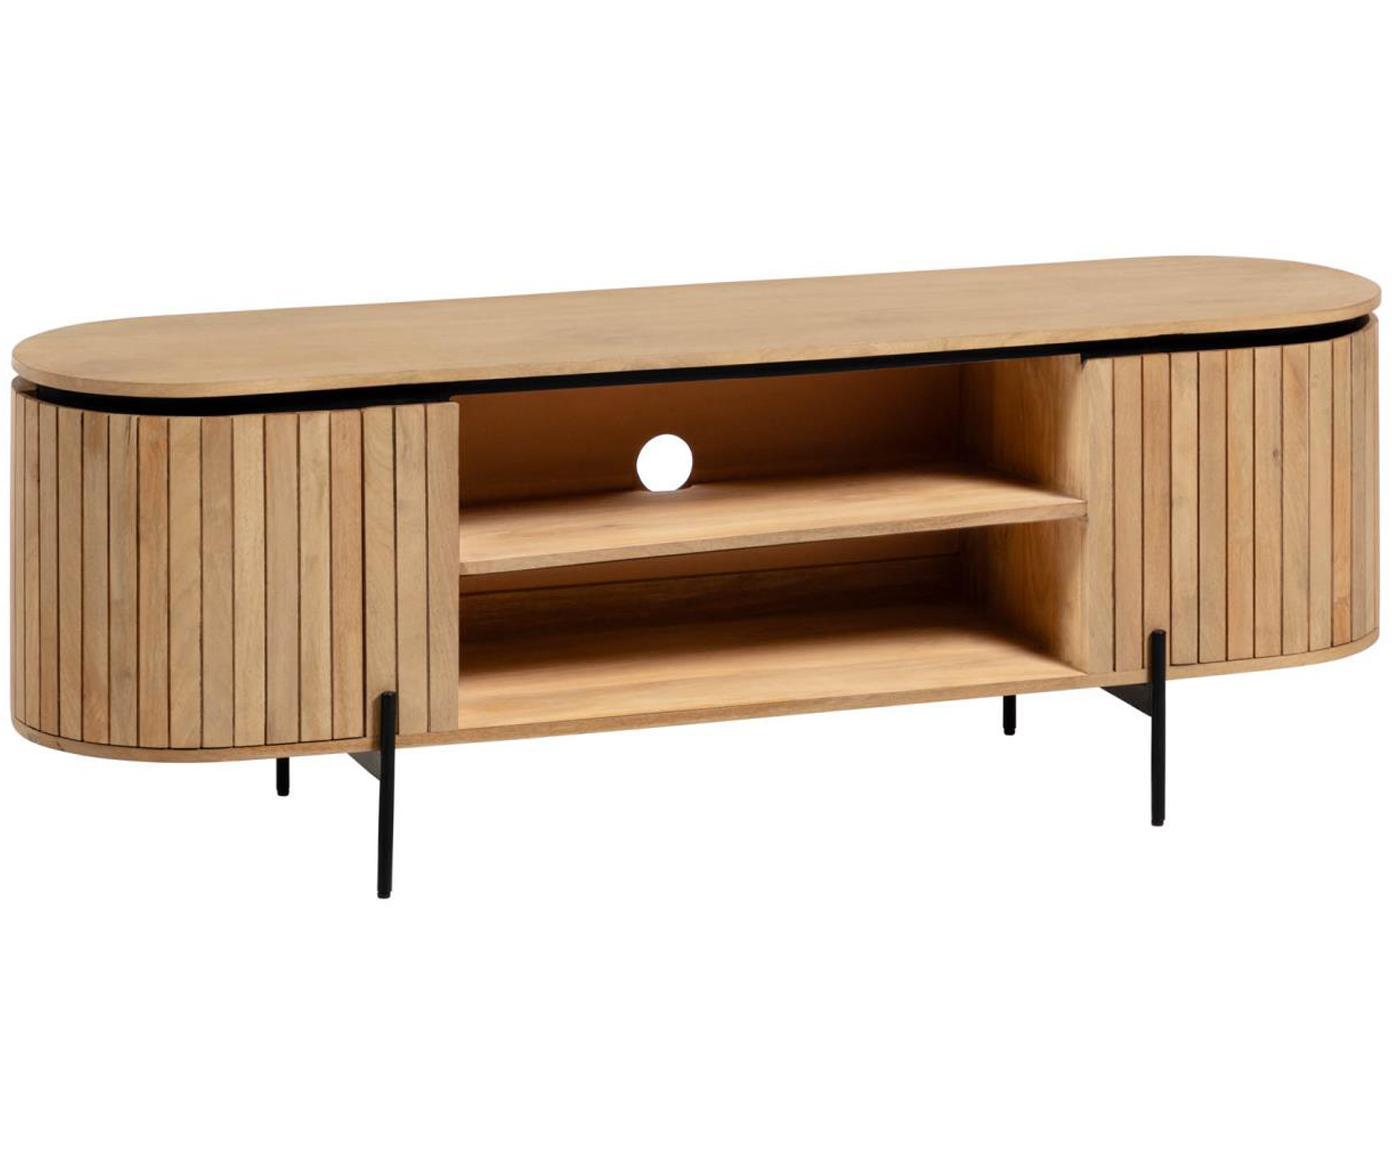 Szafka RTV z drewna z drzwiczkami Licia, Korpus: drewno mangowe, polerowan, Nogi: metal lakierowany, Beżowy, czarny, S 160 x W 56 cm